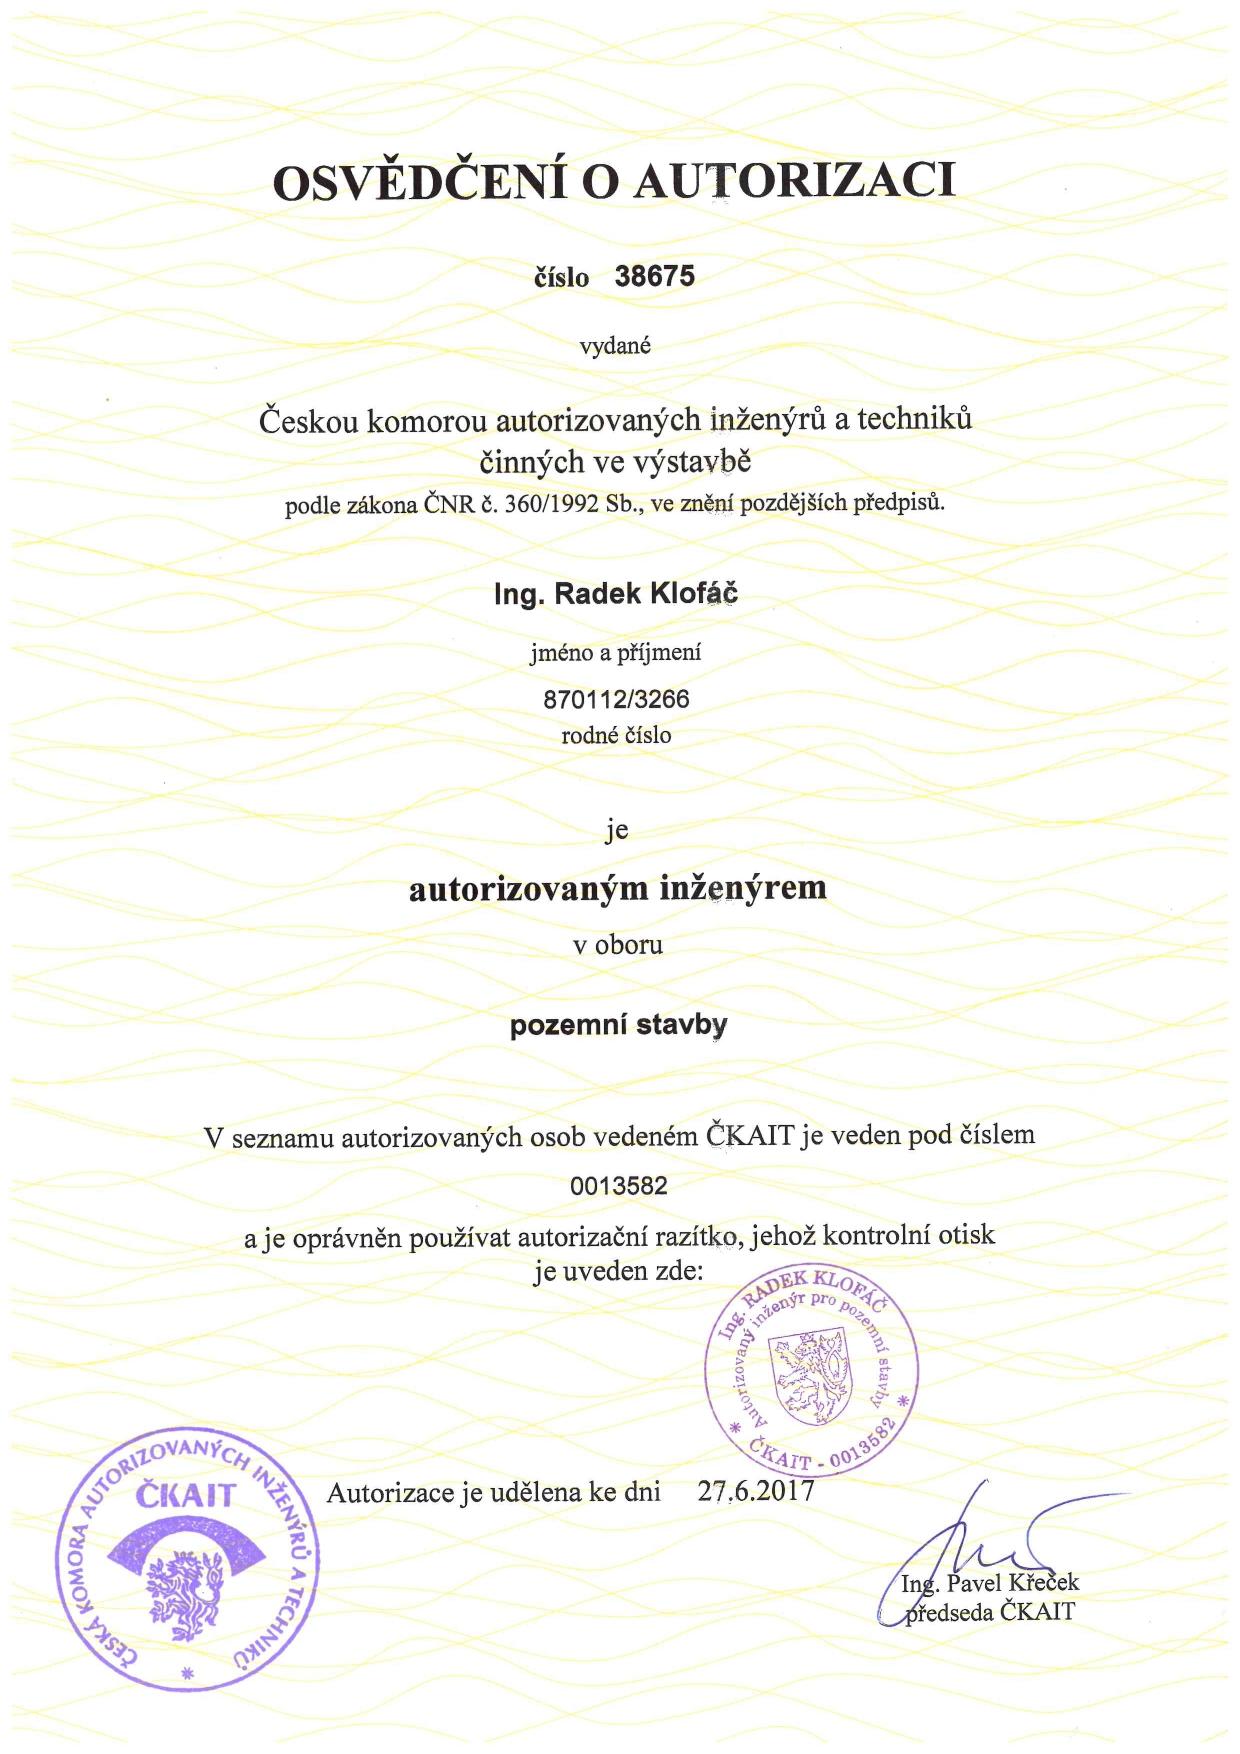 Autorizace - Ing. Klofáč - pozemní stavby